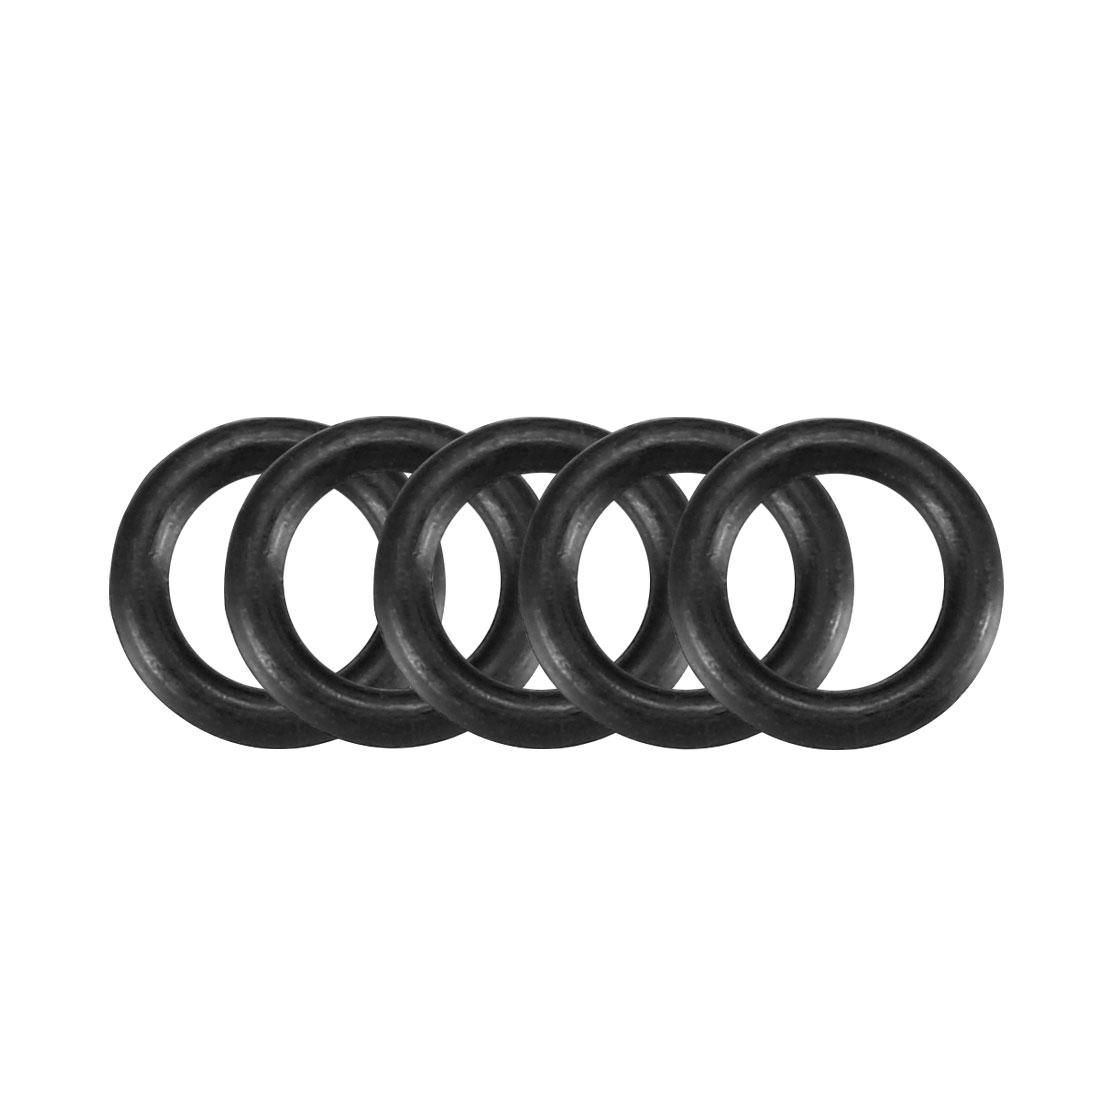 50pcs Black Nitrile Butadiene Rubber NBR O-Ring 4.1mm Inner Dia 1.2mm Width